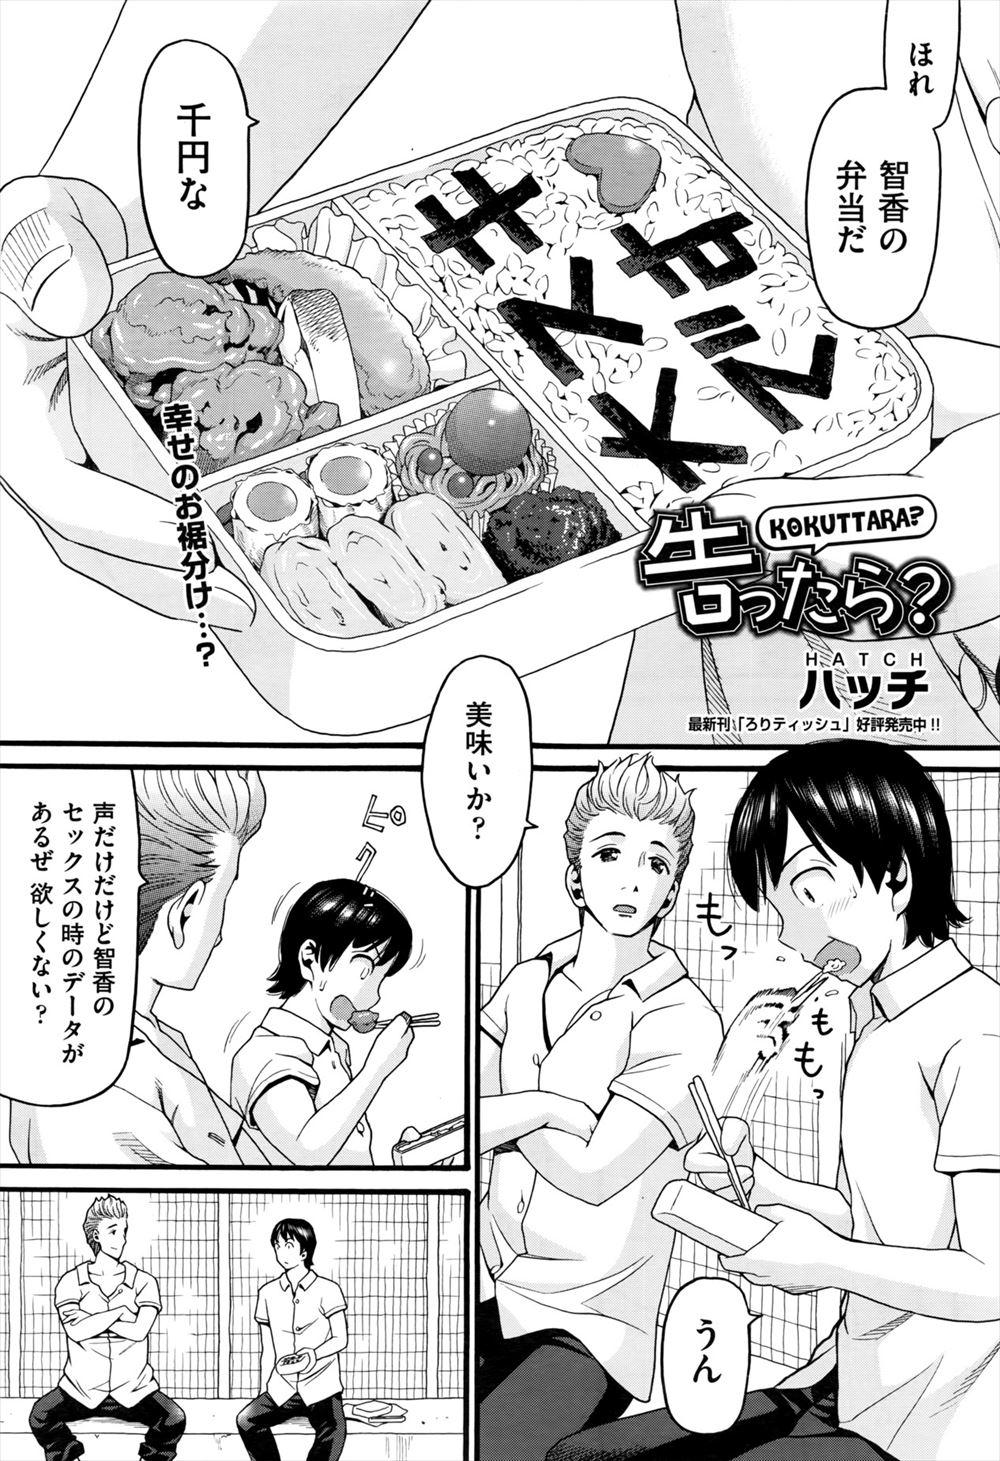 【エロ漫画・エロ同人】好きな子取られてセックス見せつけられたうえに乱交し始める男友達wwwまさかの結末に草wwww